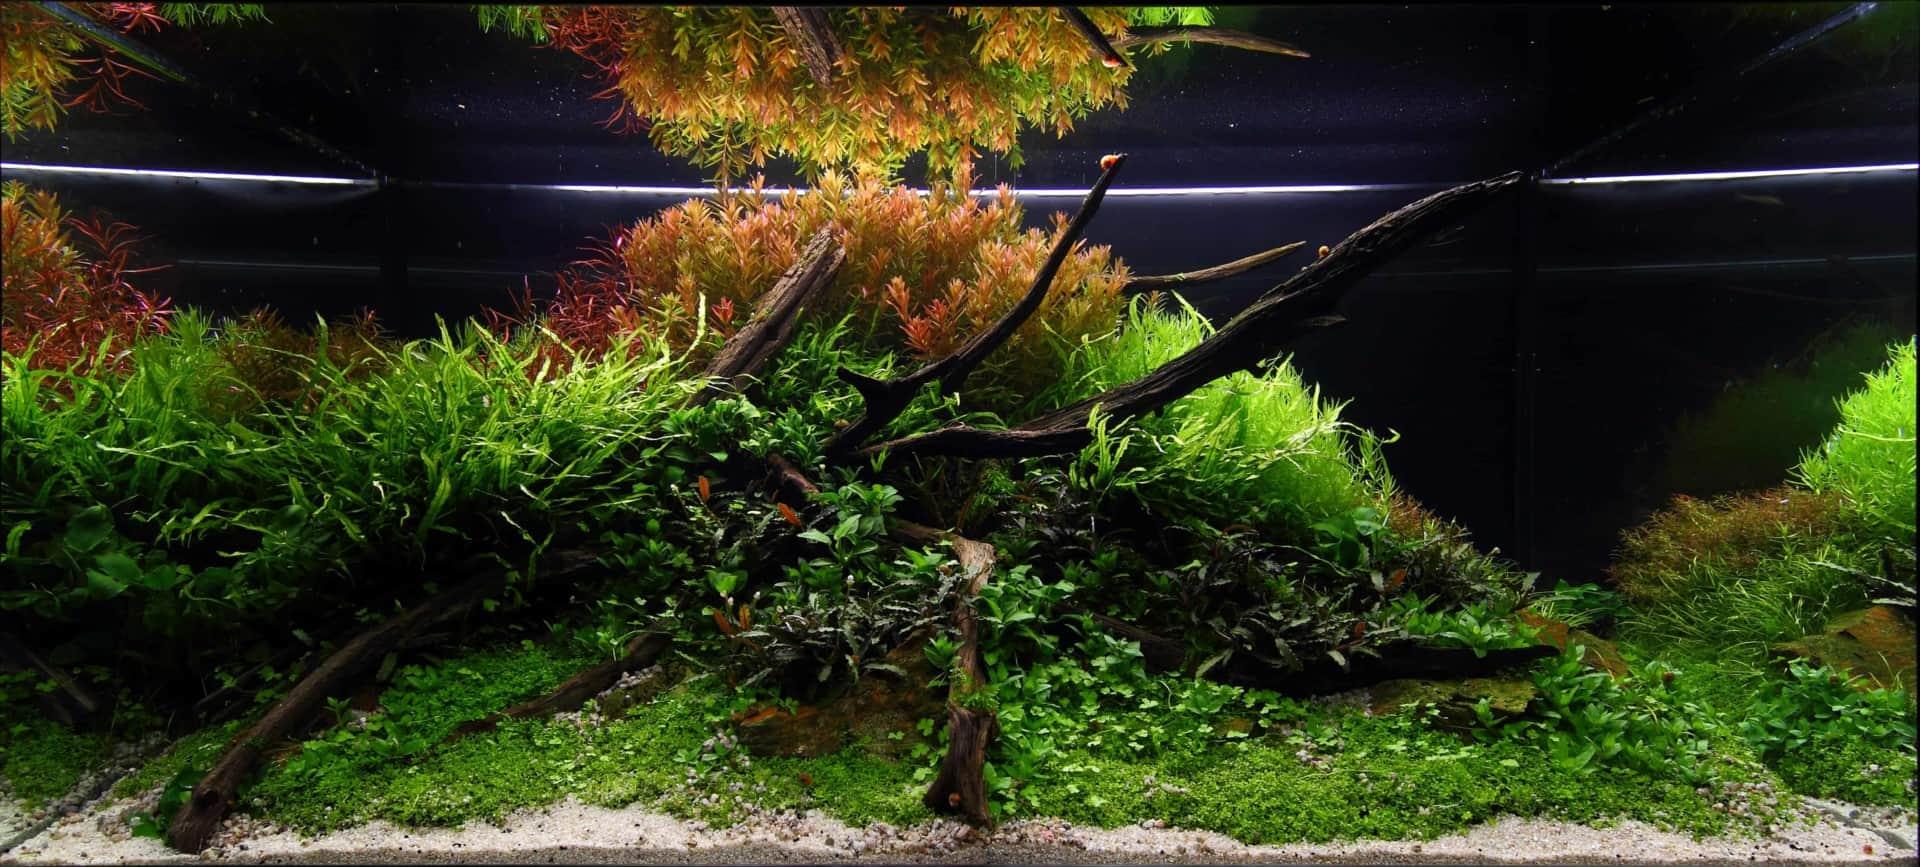 191 - The Art of the Planted Aquarium - Neuheiten und Möglichkeiten zum Mitmachen im April 2019 (Stefanie Hesse) 40